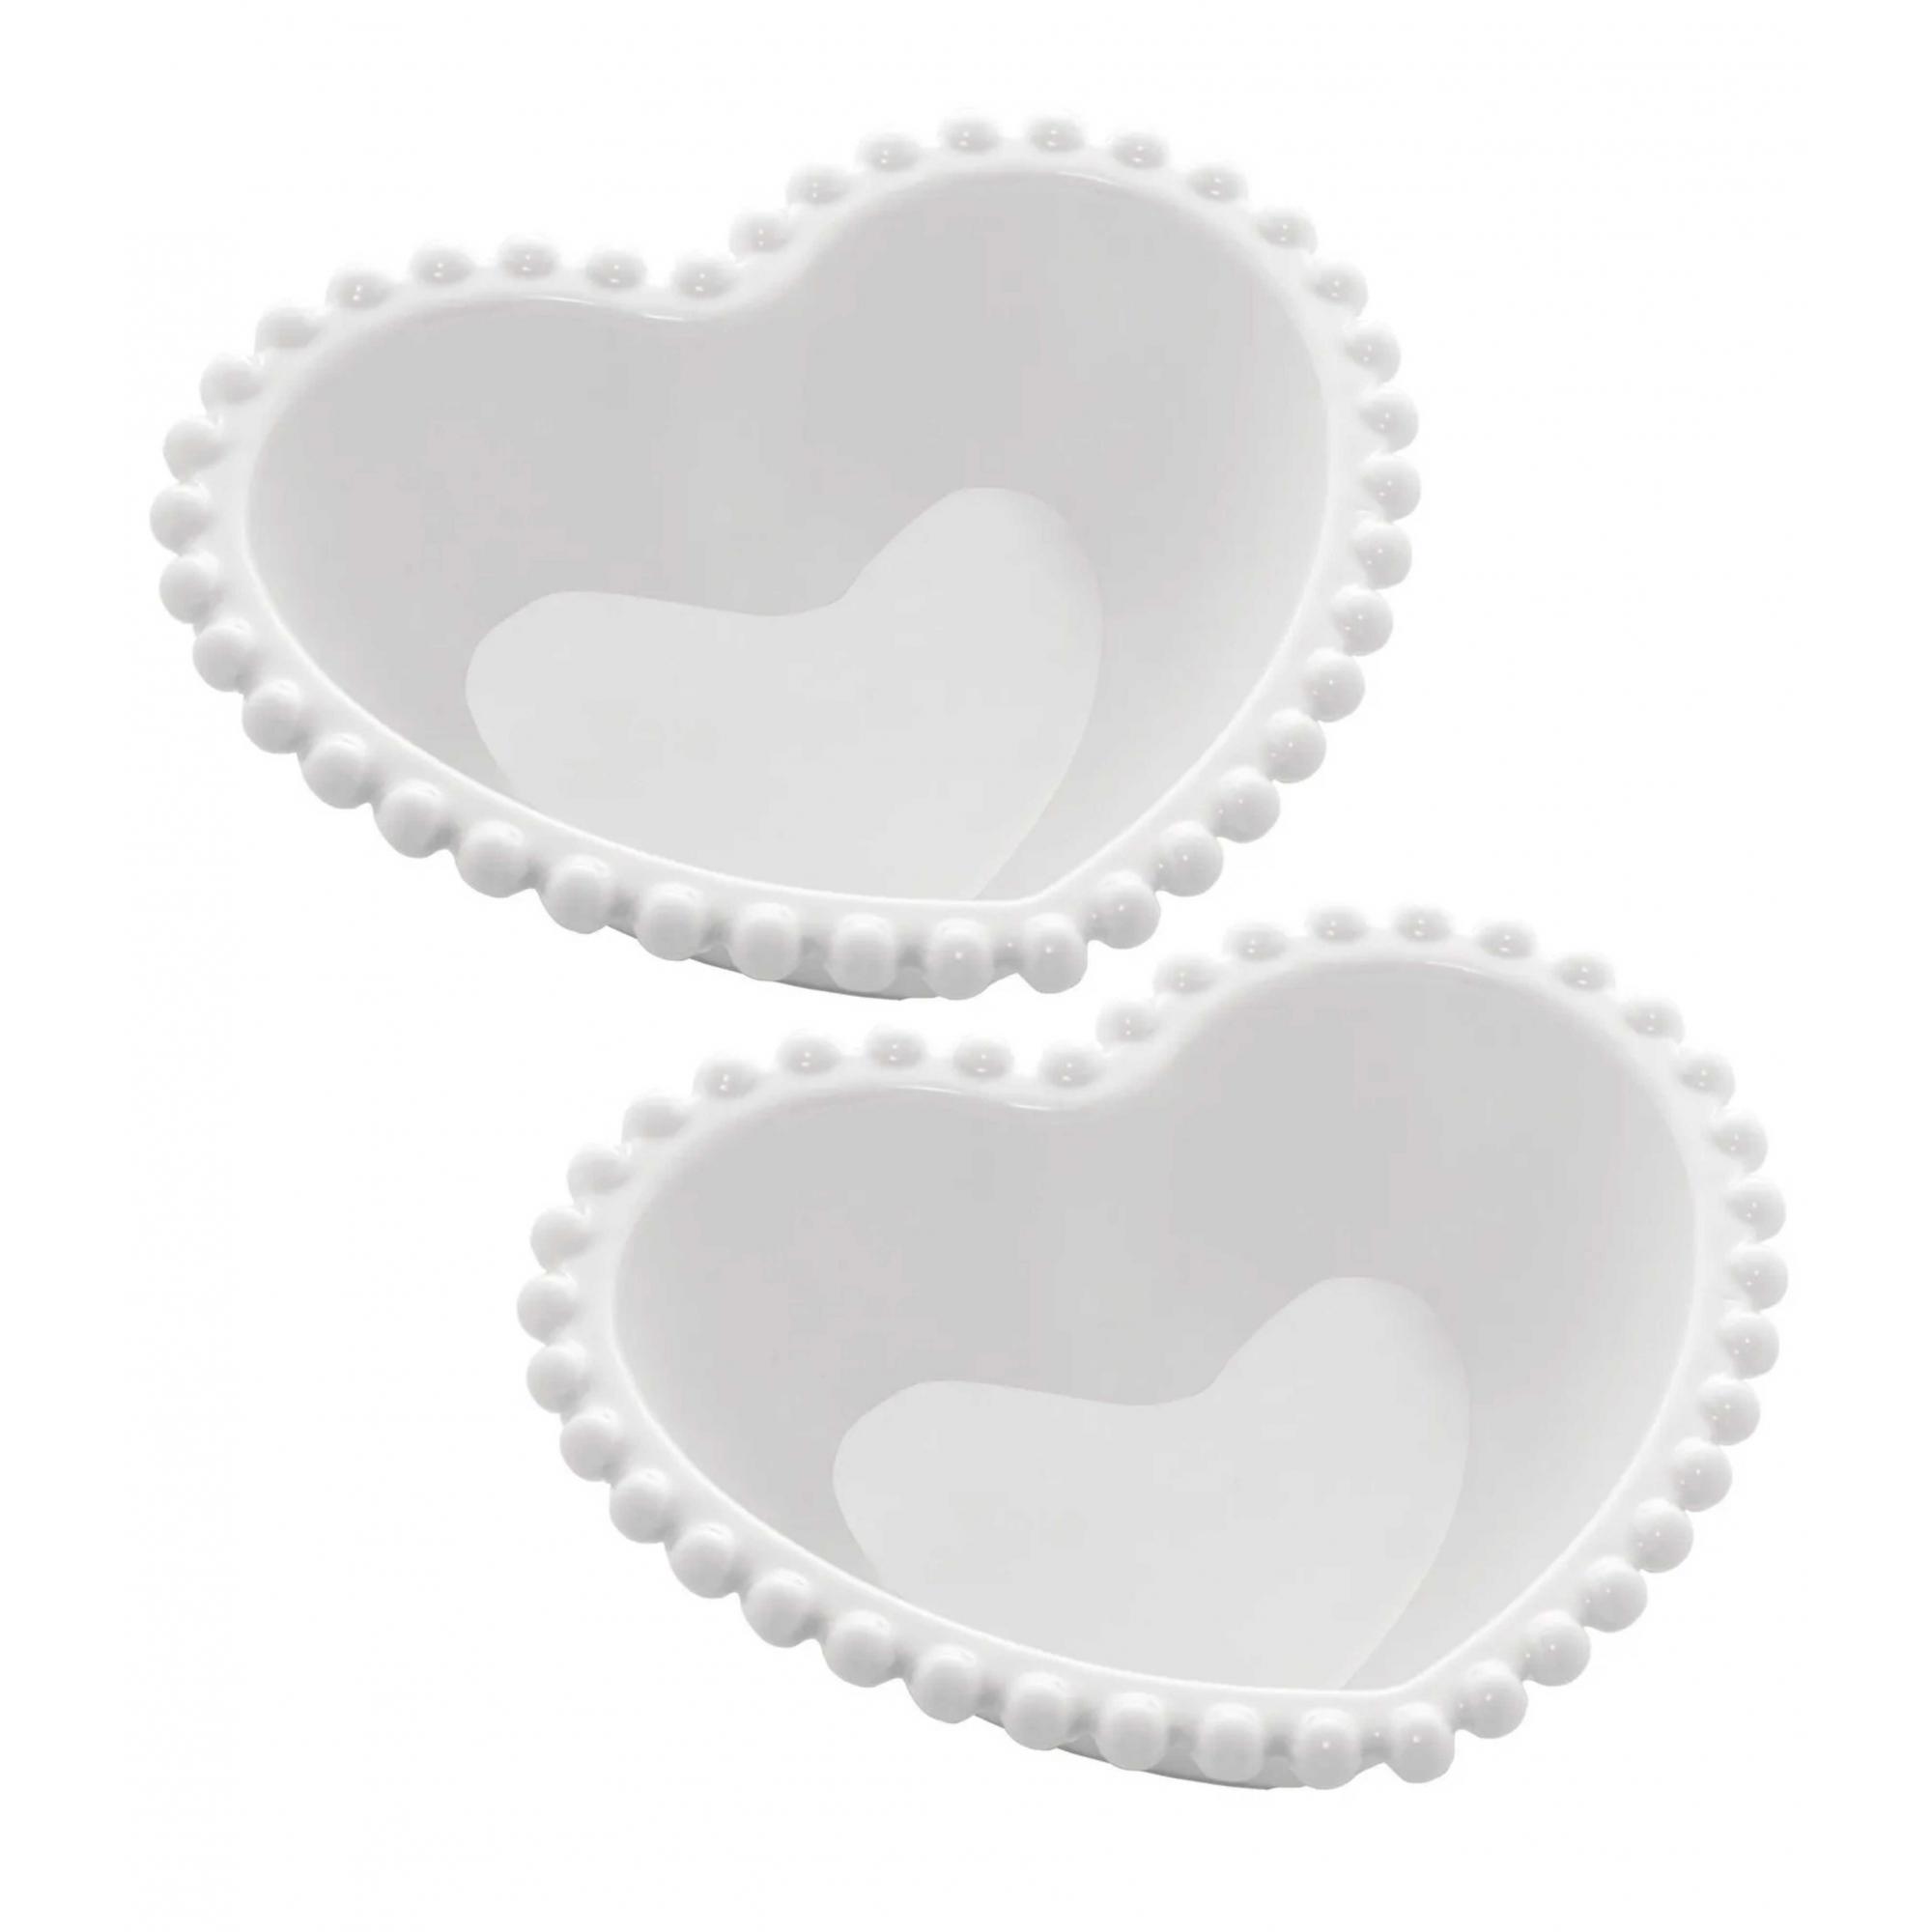 Jogo de 2 Bowls em Porcelana Coração Beads Branco - Wolff